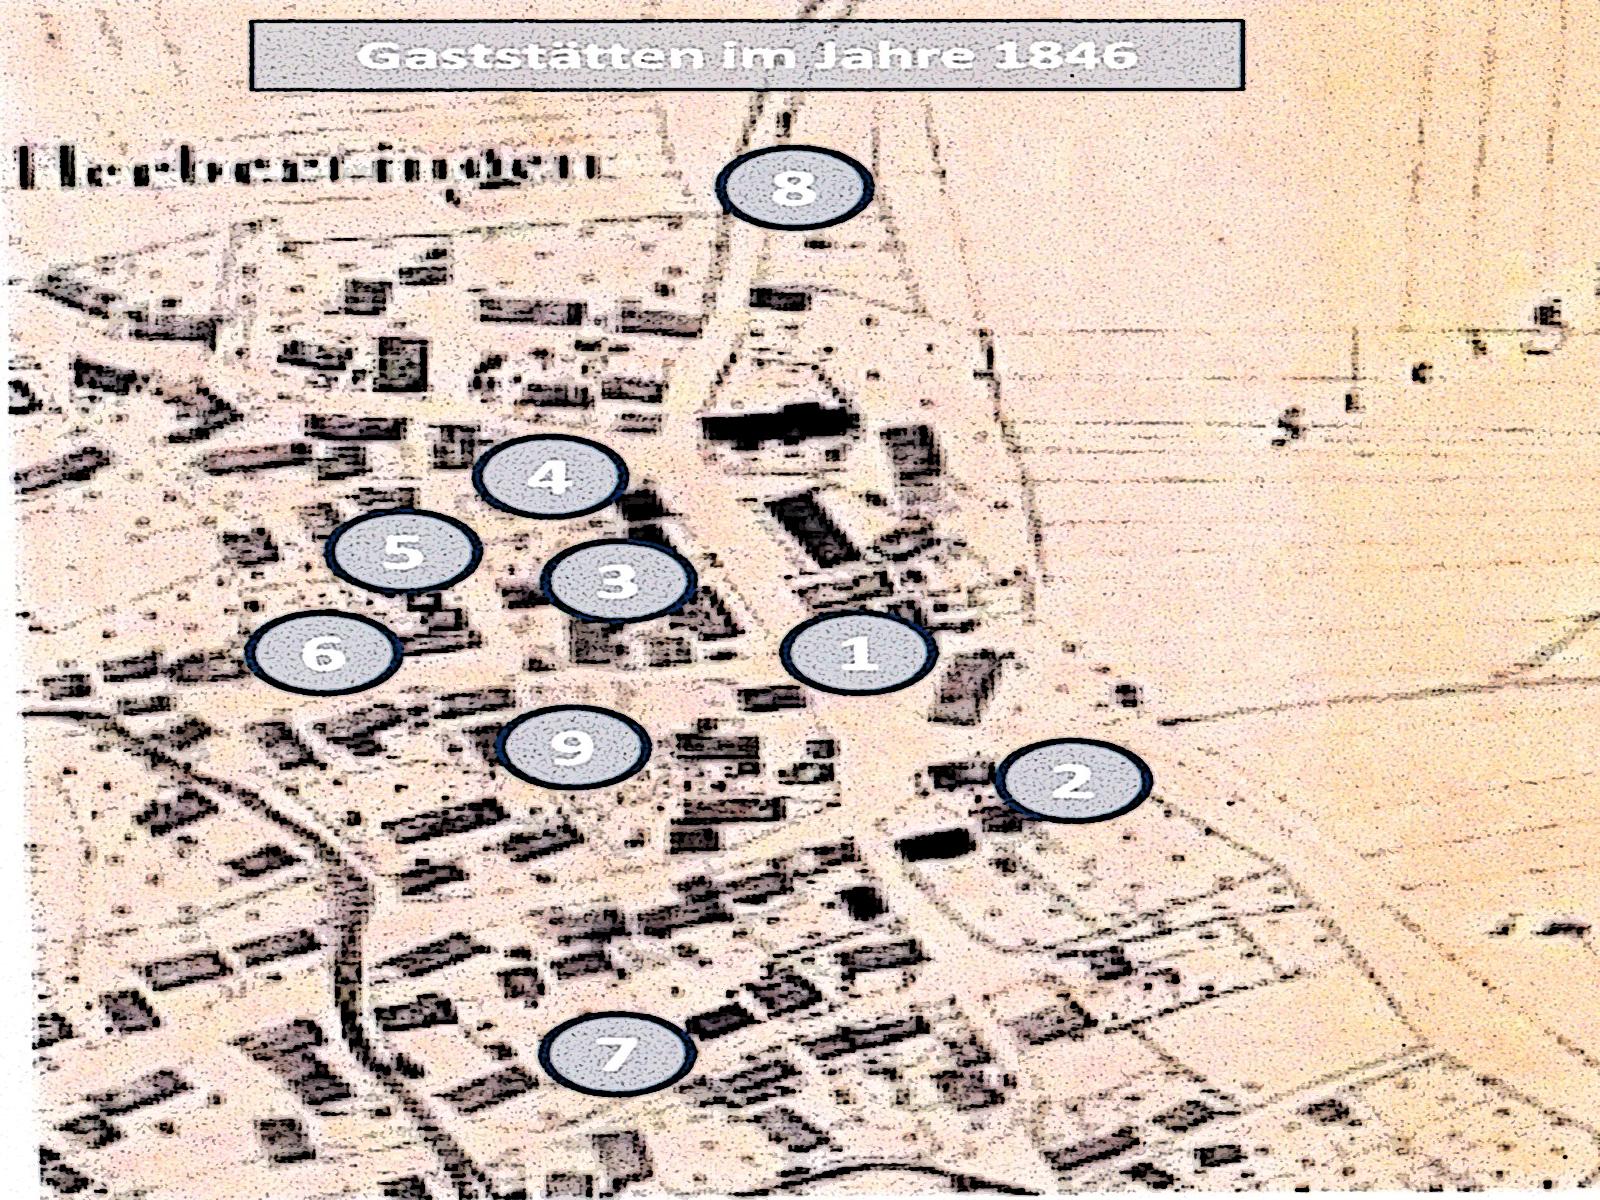 Lageplan als Übersicht über die Gastronomie in Herbertingen im Jahr 1846